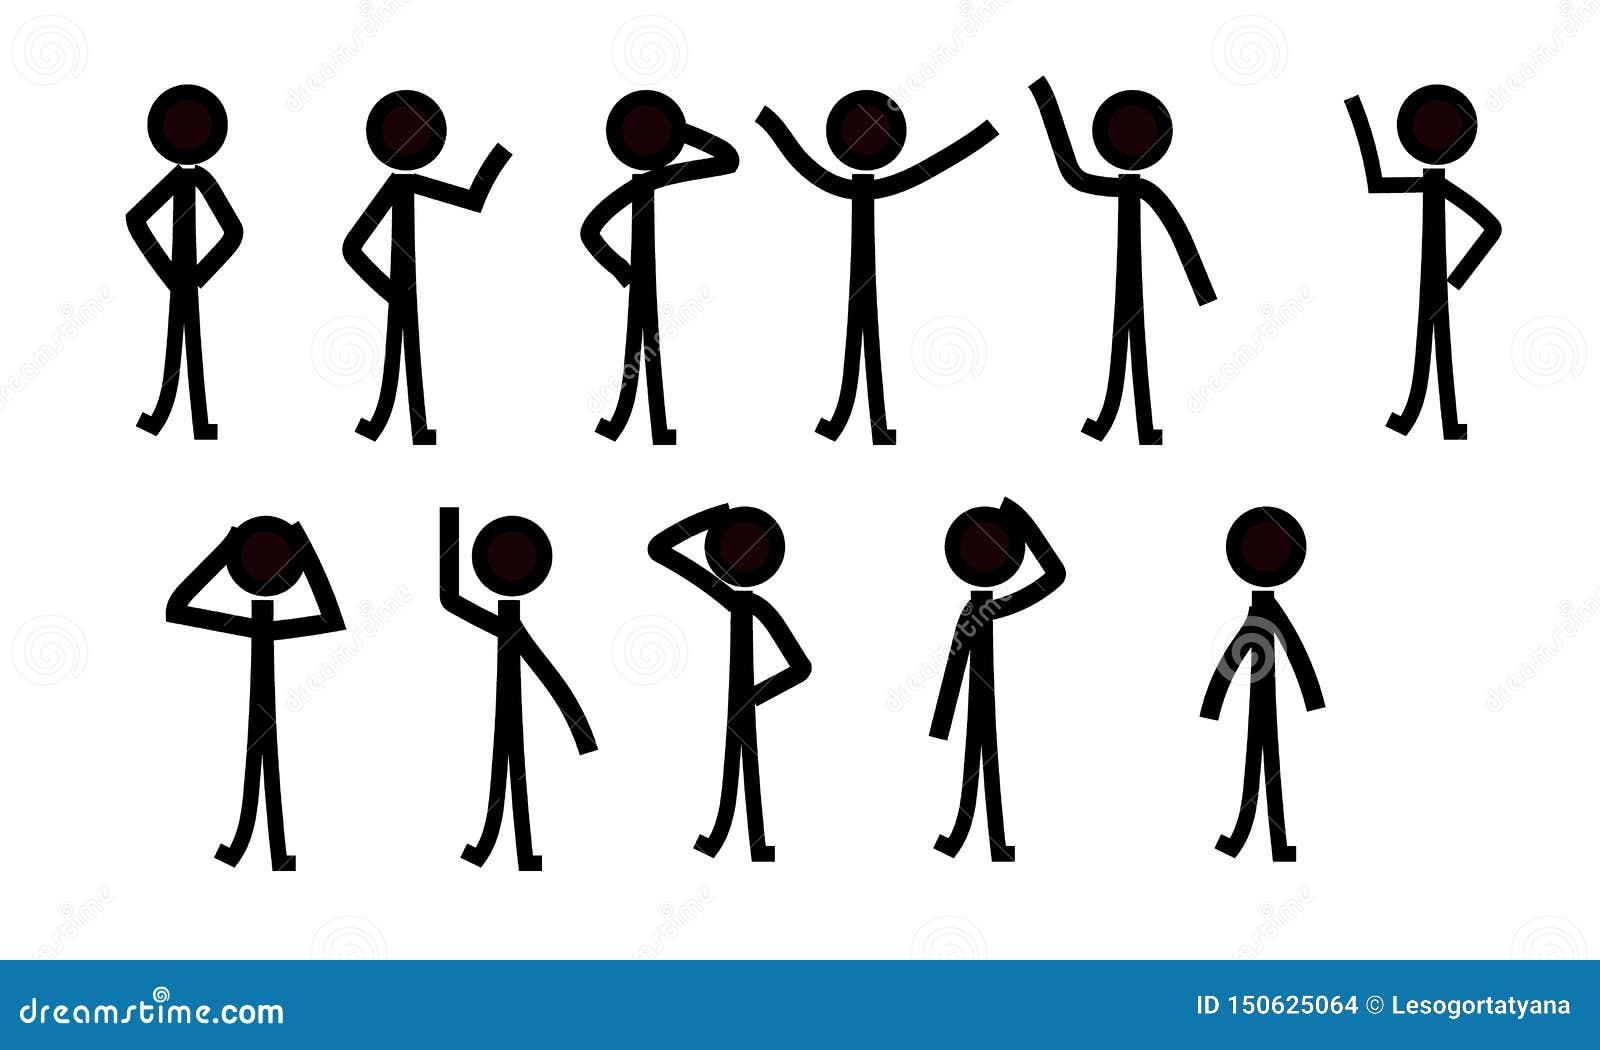 Figura imagem gráfica das varas dos povos, poses diferentes